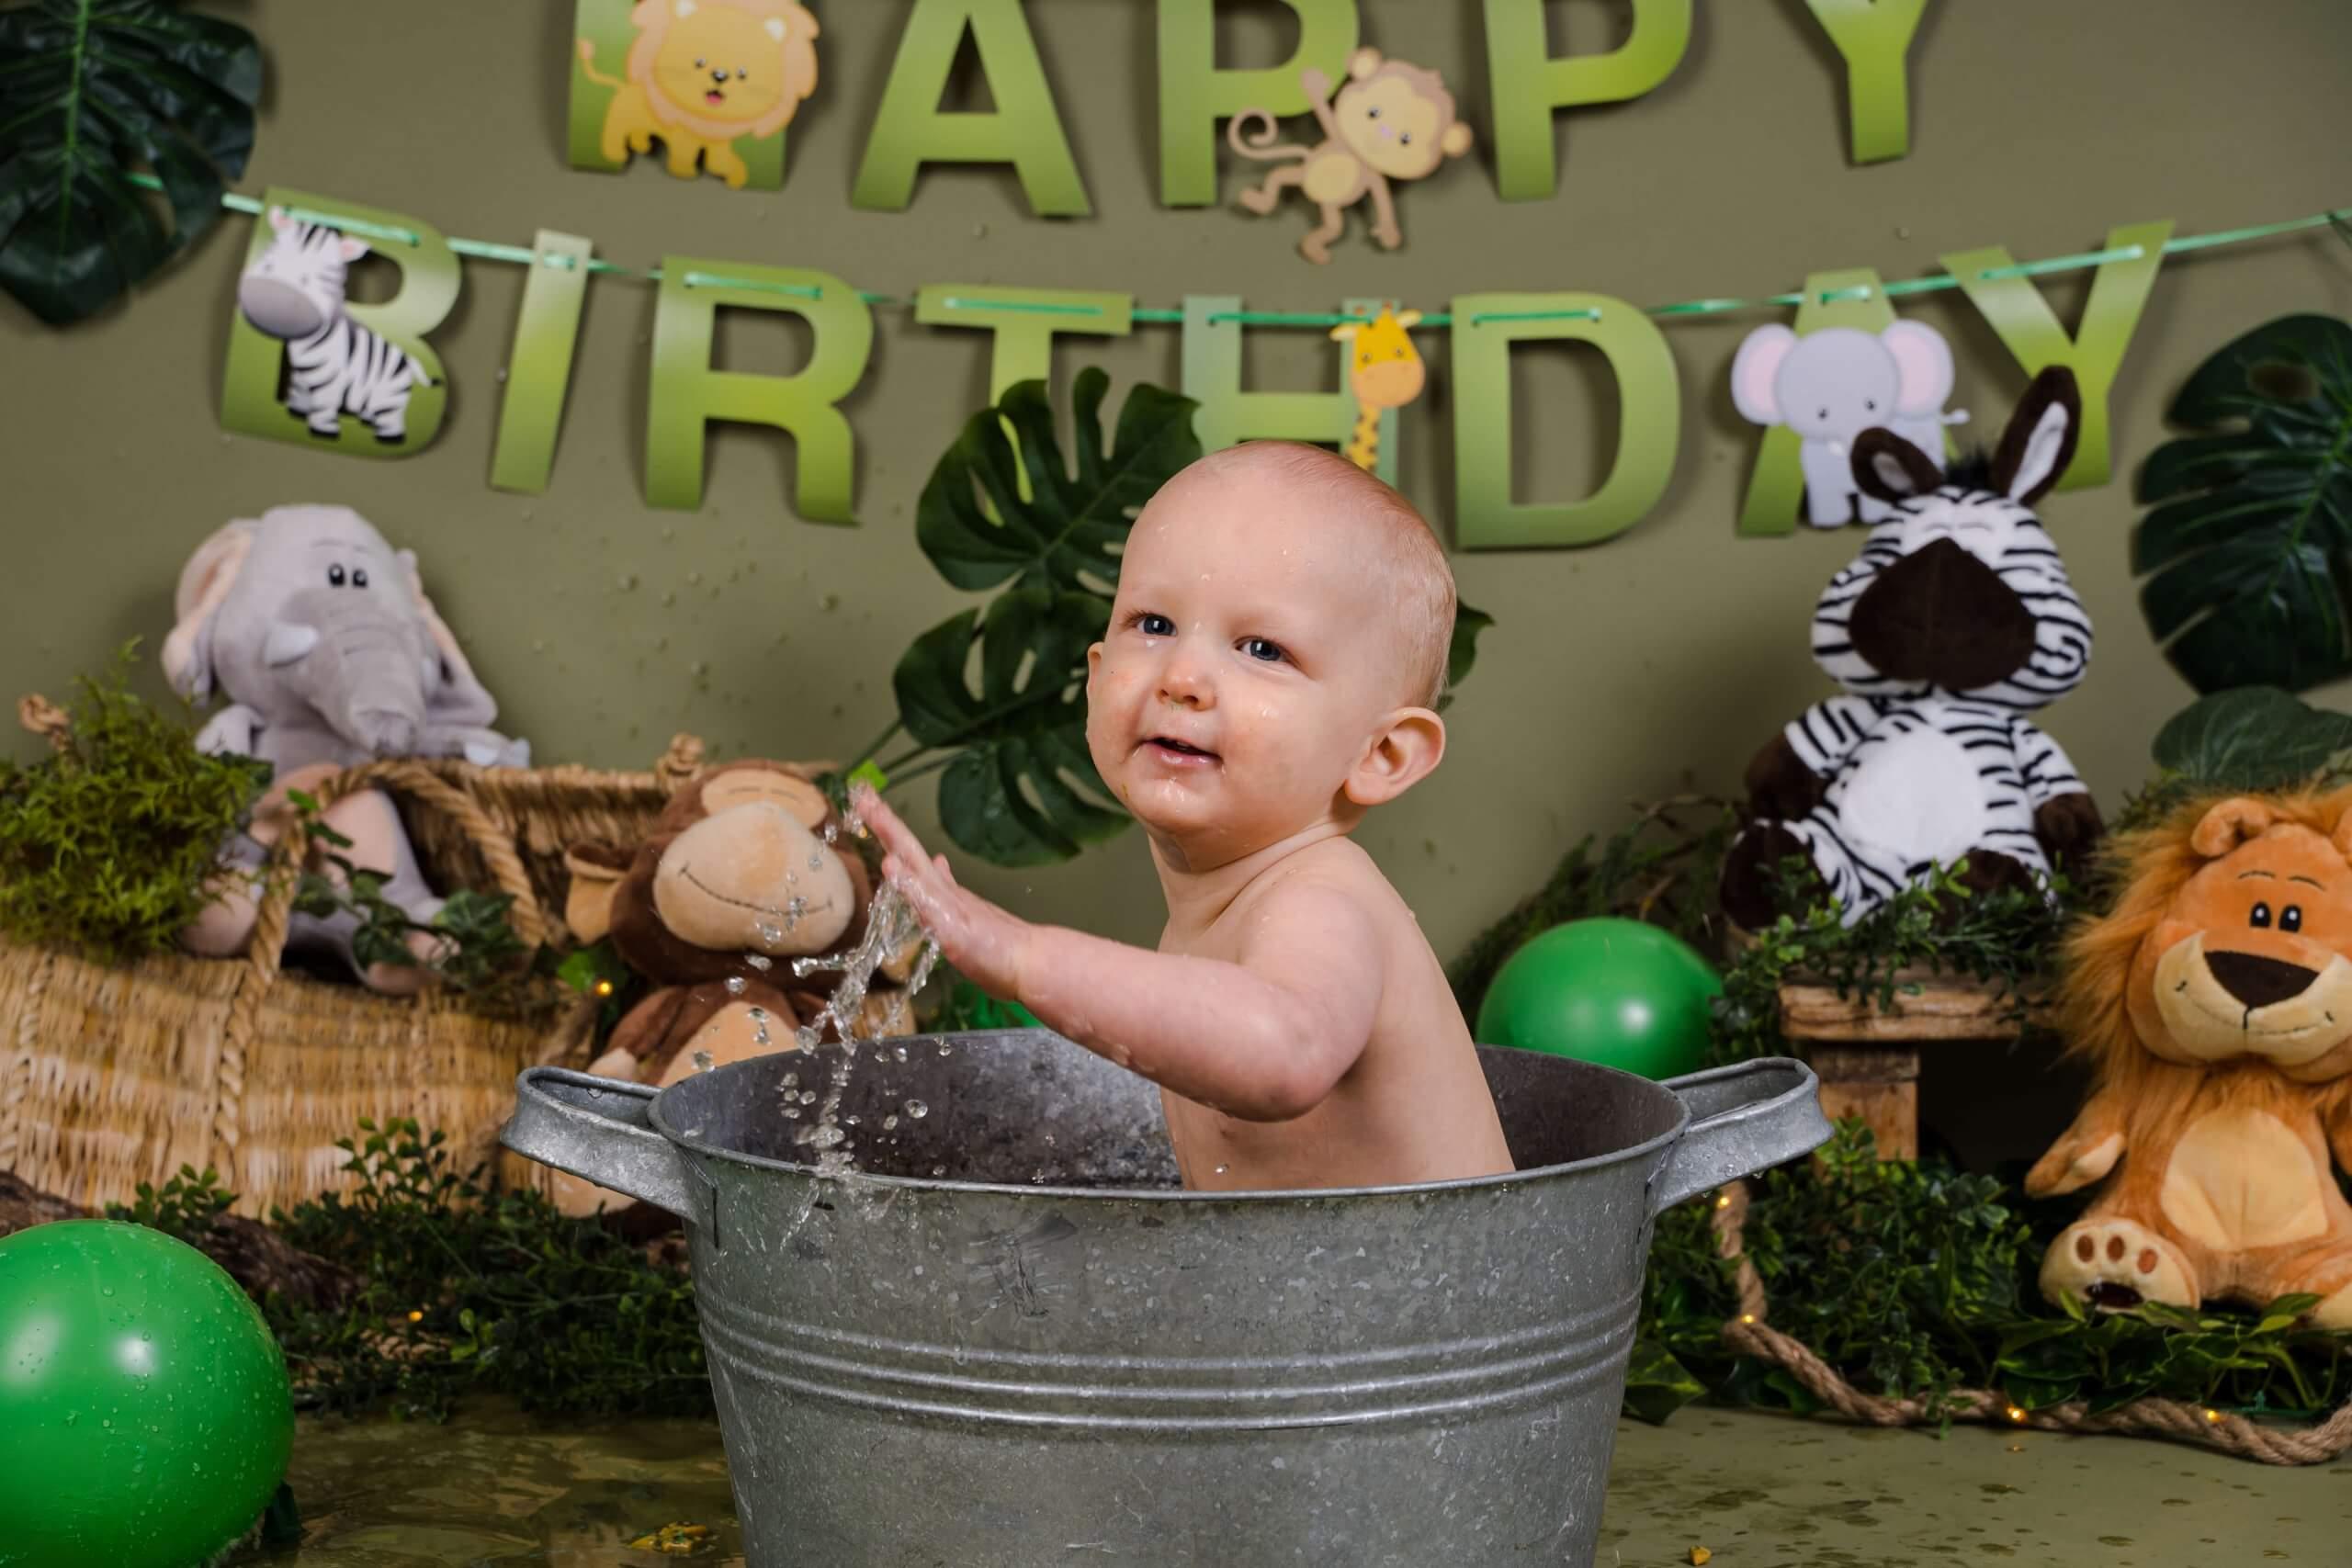 Cake smash jungle thema badje jarig 1 jaar worden one wild fotoshoot .JPG bunnik utrecht